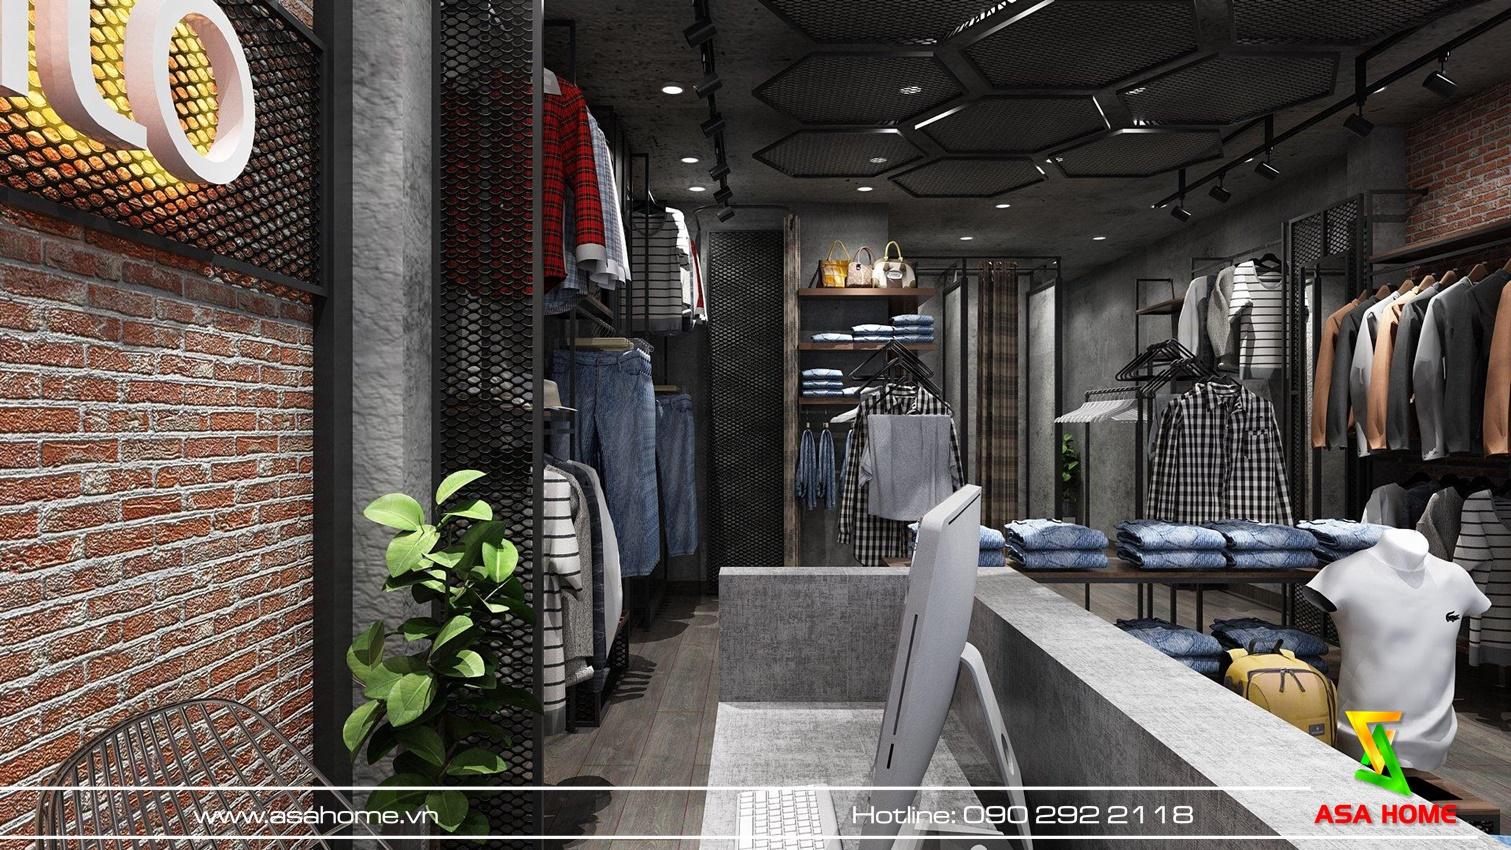 Thiết kế shop thời trang nam phù hợp với những tiêu chí đưa ra